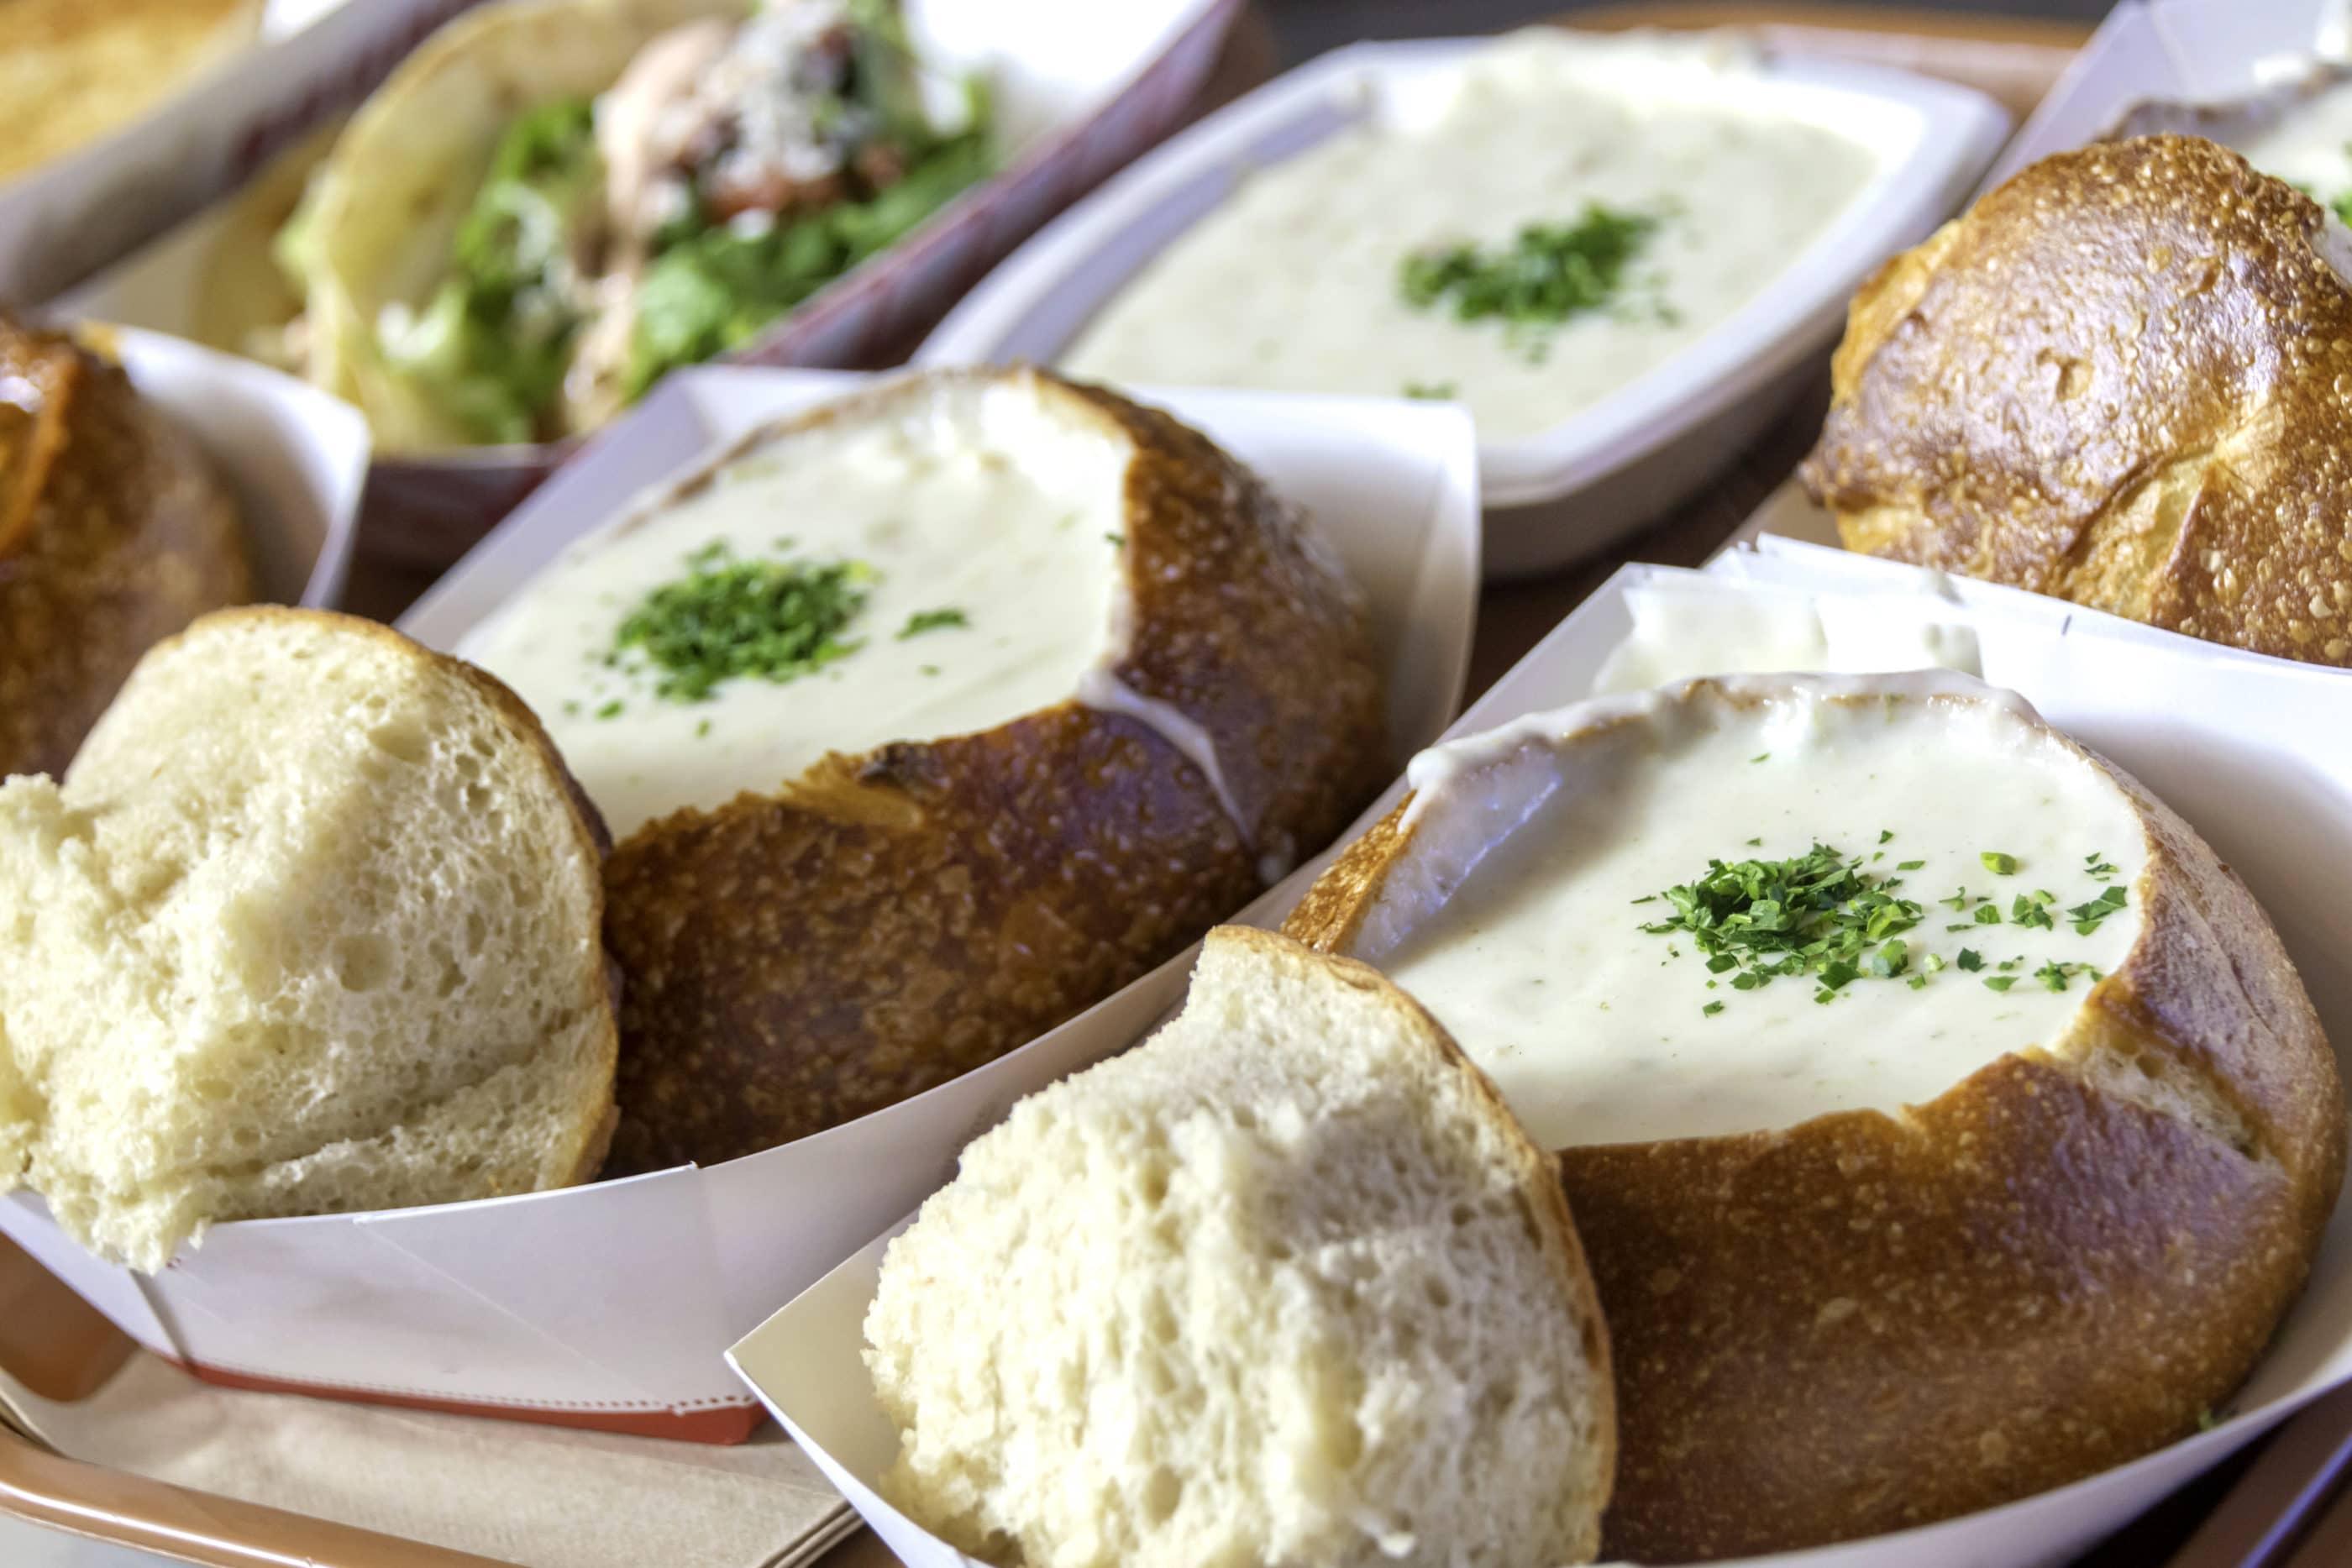 Sourdough bowls full of clam chowder